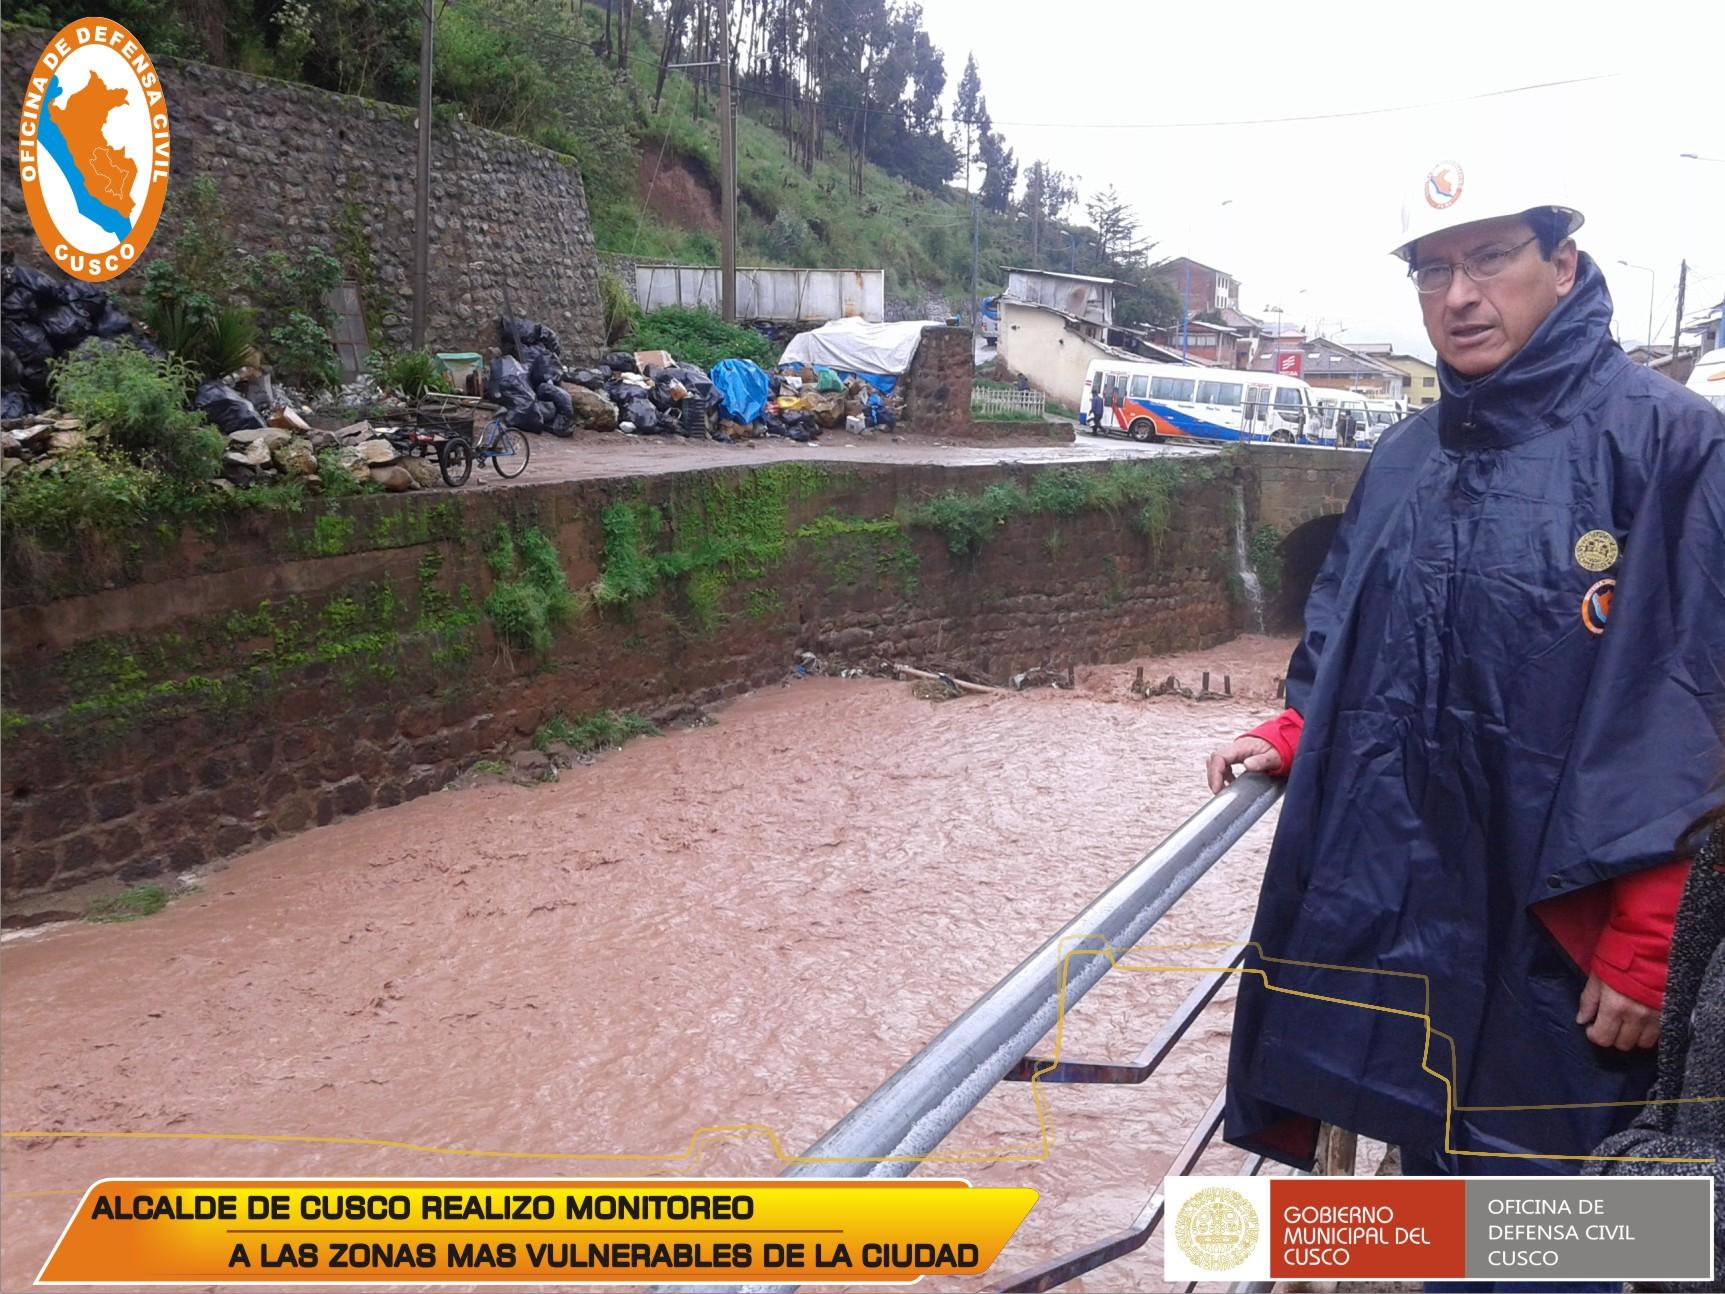 ALCALDE DE CUSCO INSPECCIONO ZONAS AFECTADAS POR INTENSAS LLUVIAS, Y DIO ASISTENCIA A DAMNIFICADOS.